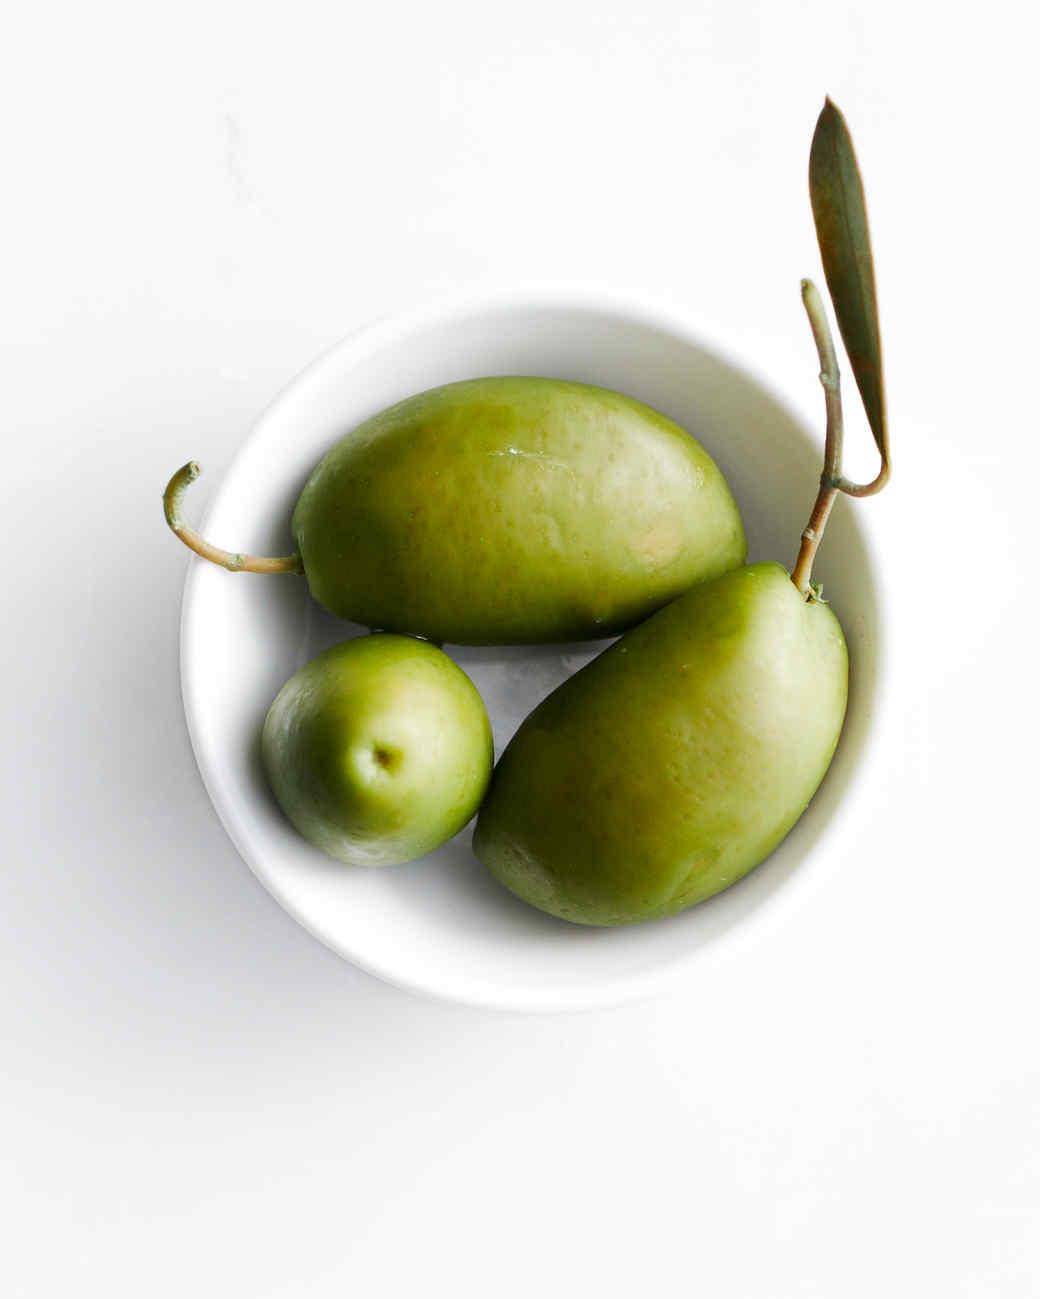 olive-ipad-cerignola-0096-ld110630-0614.jpg